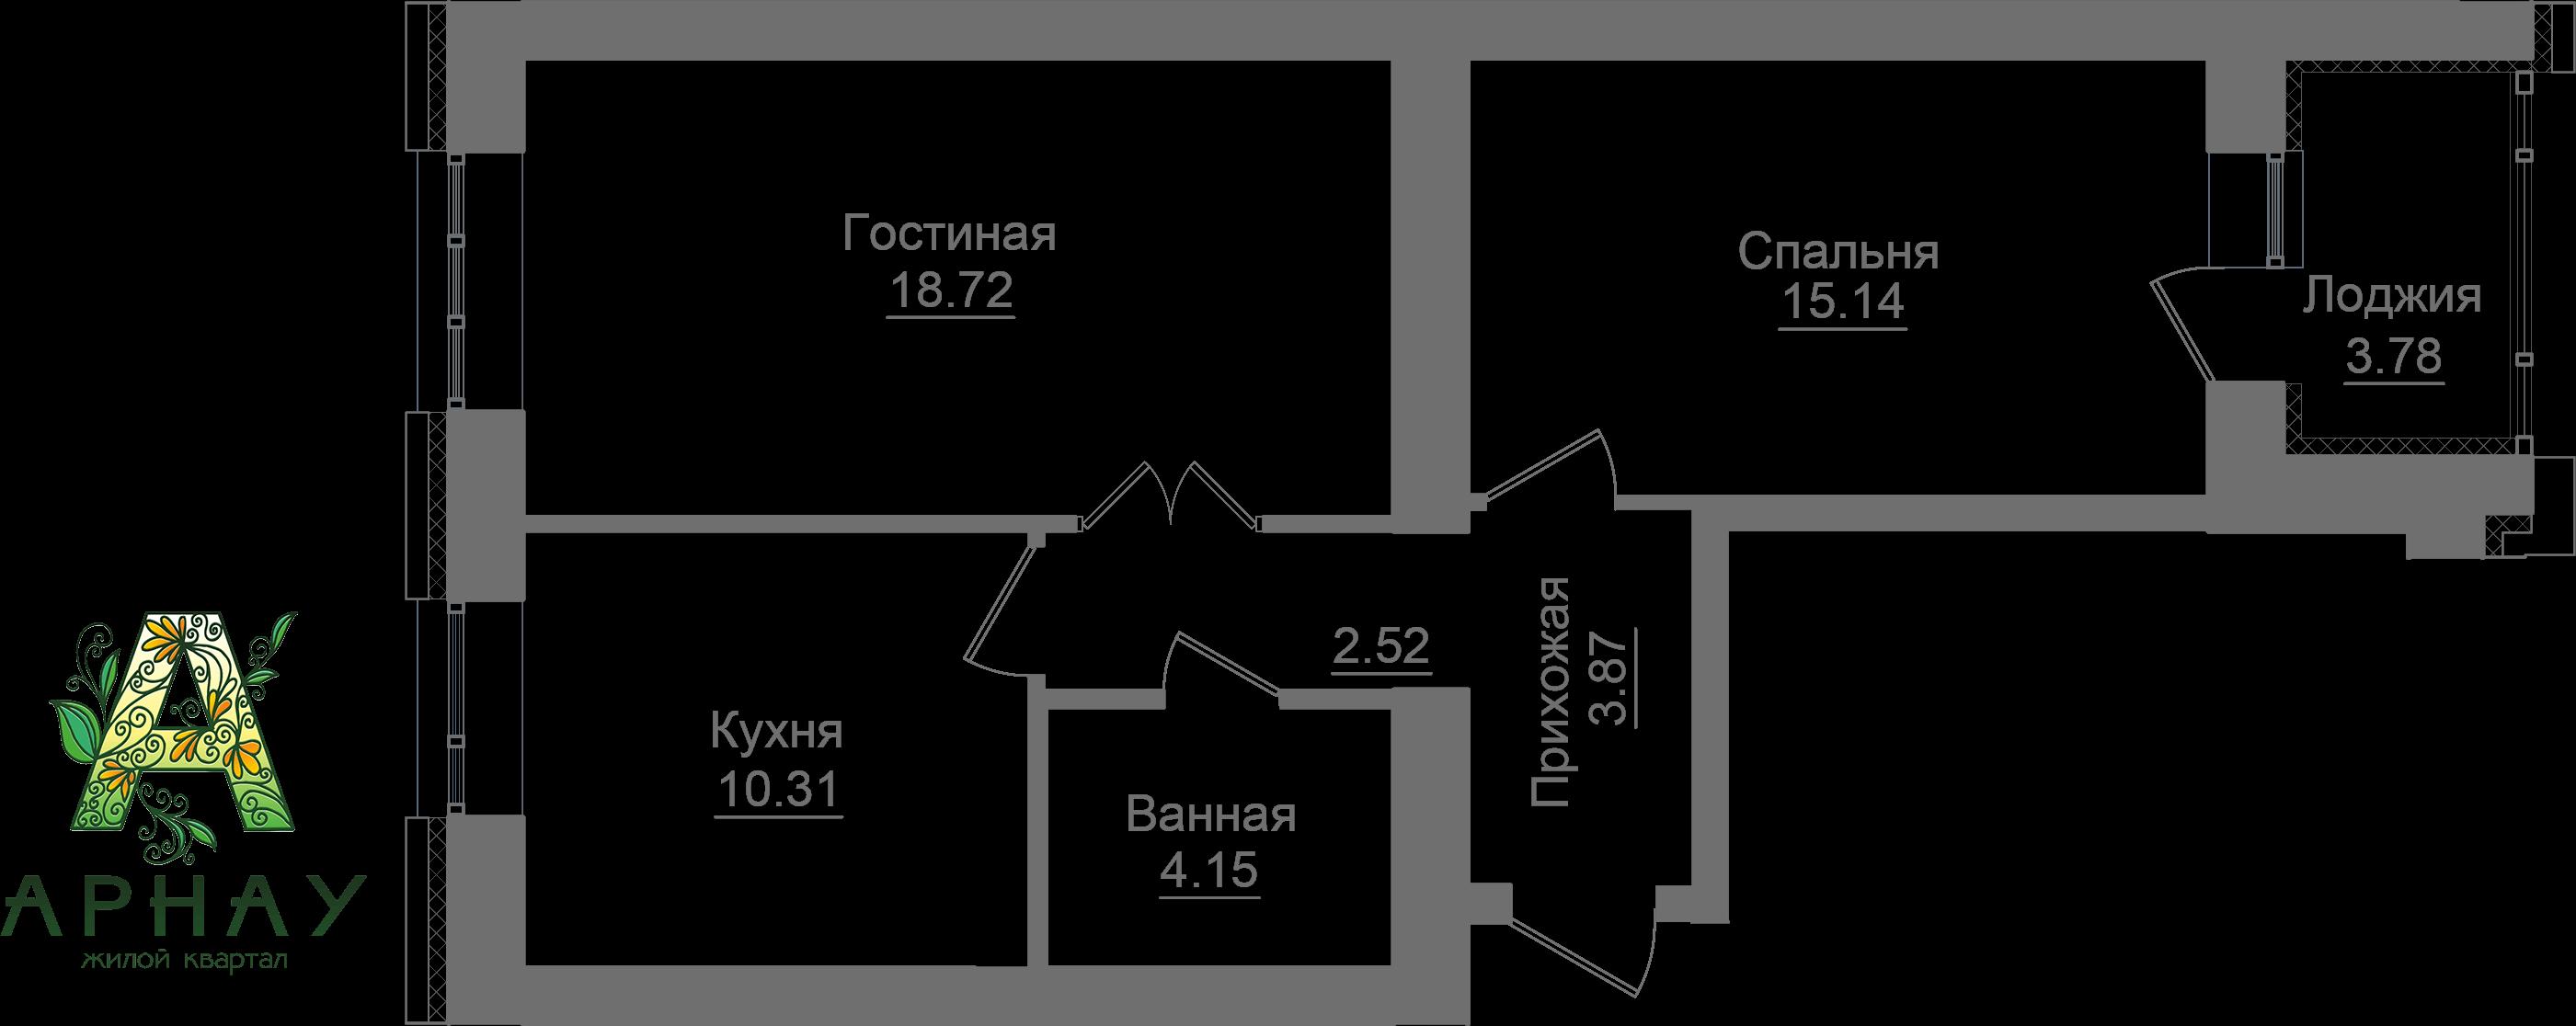 Квартира 81